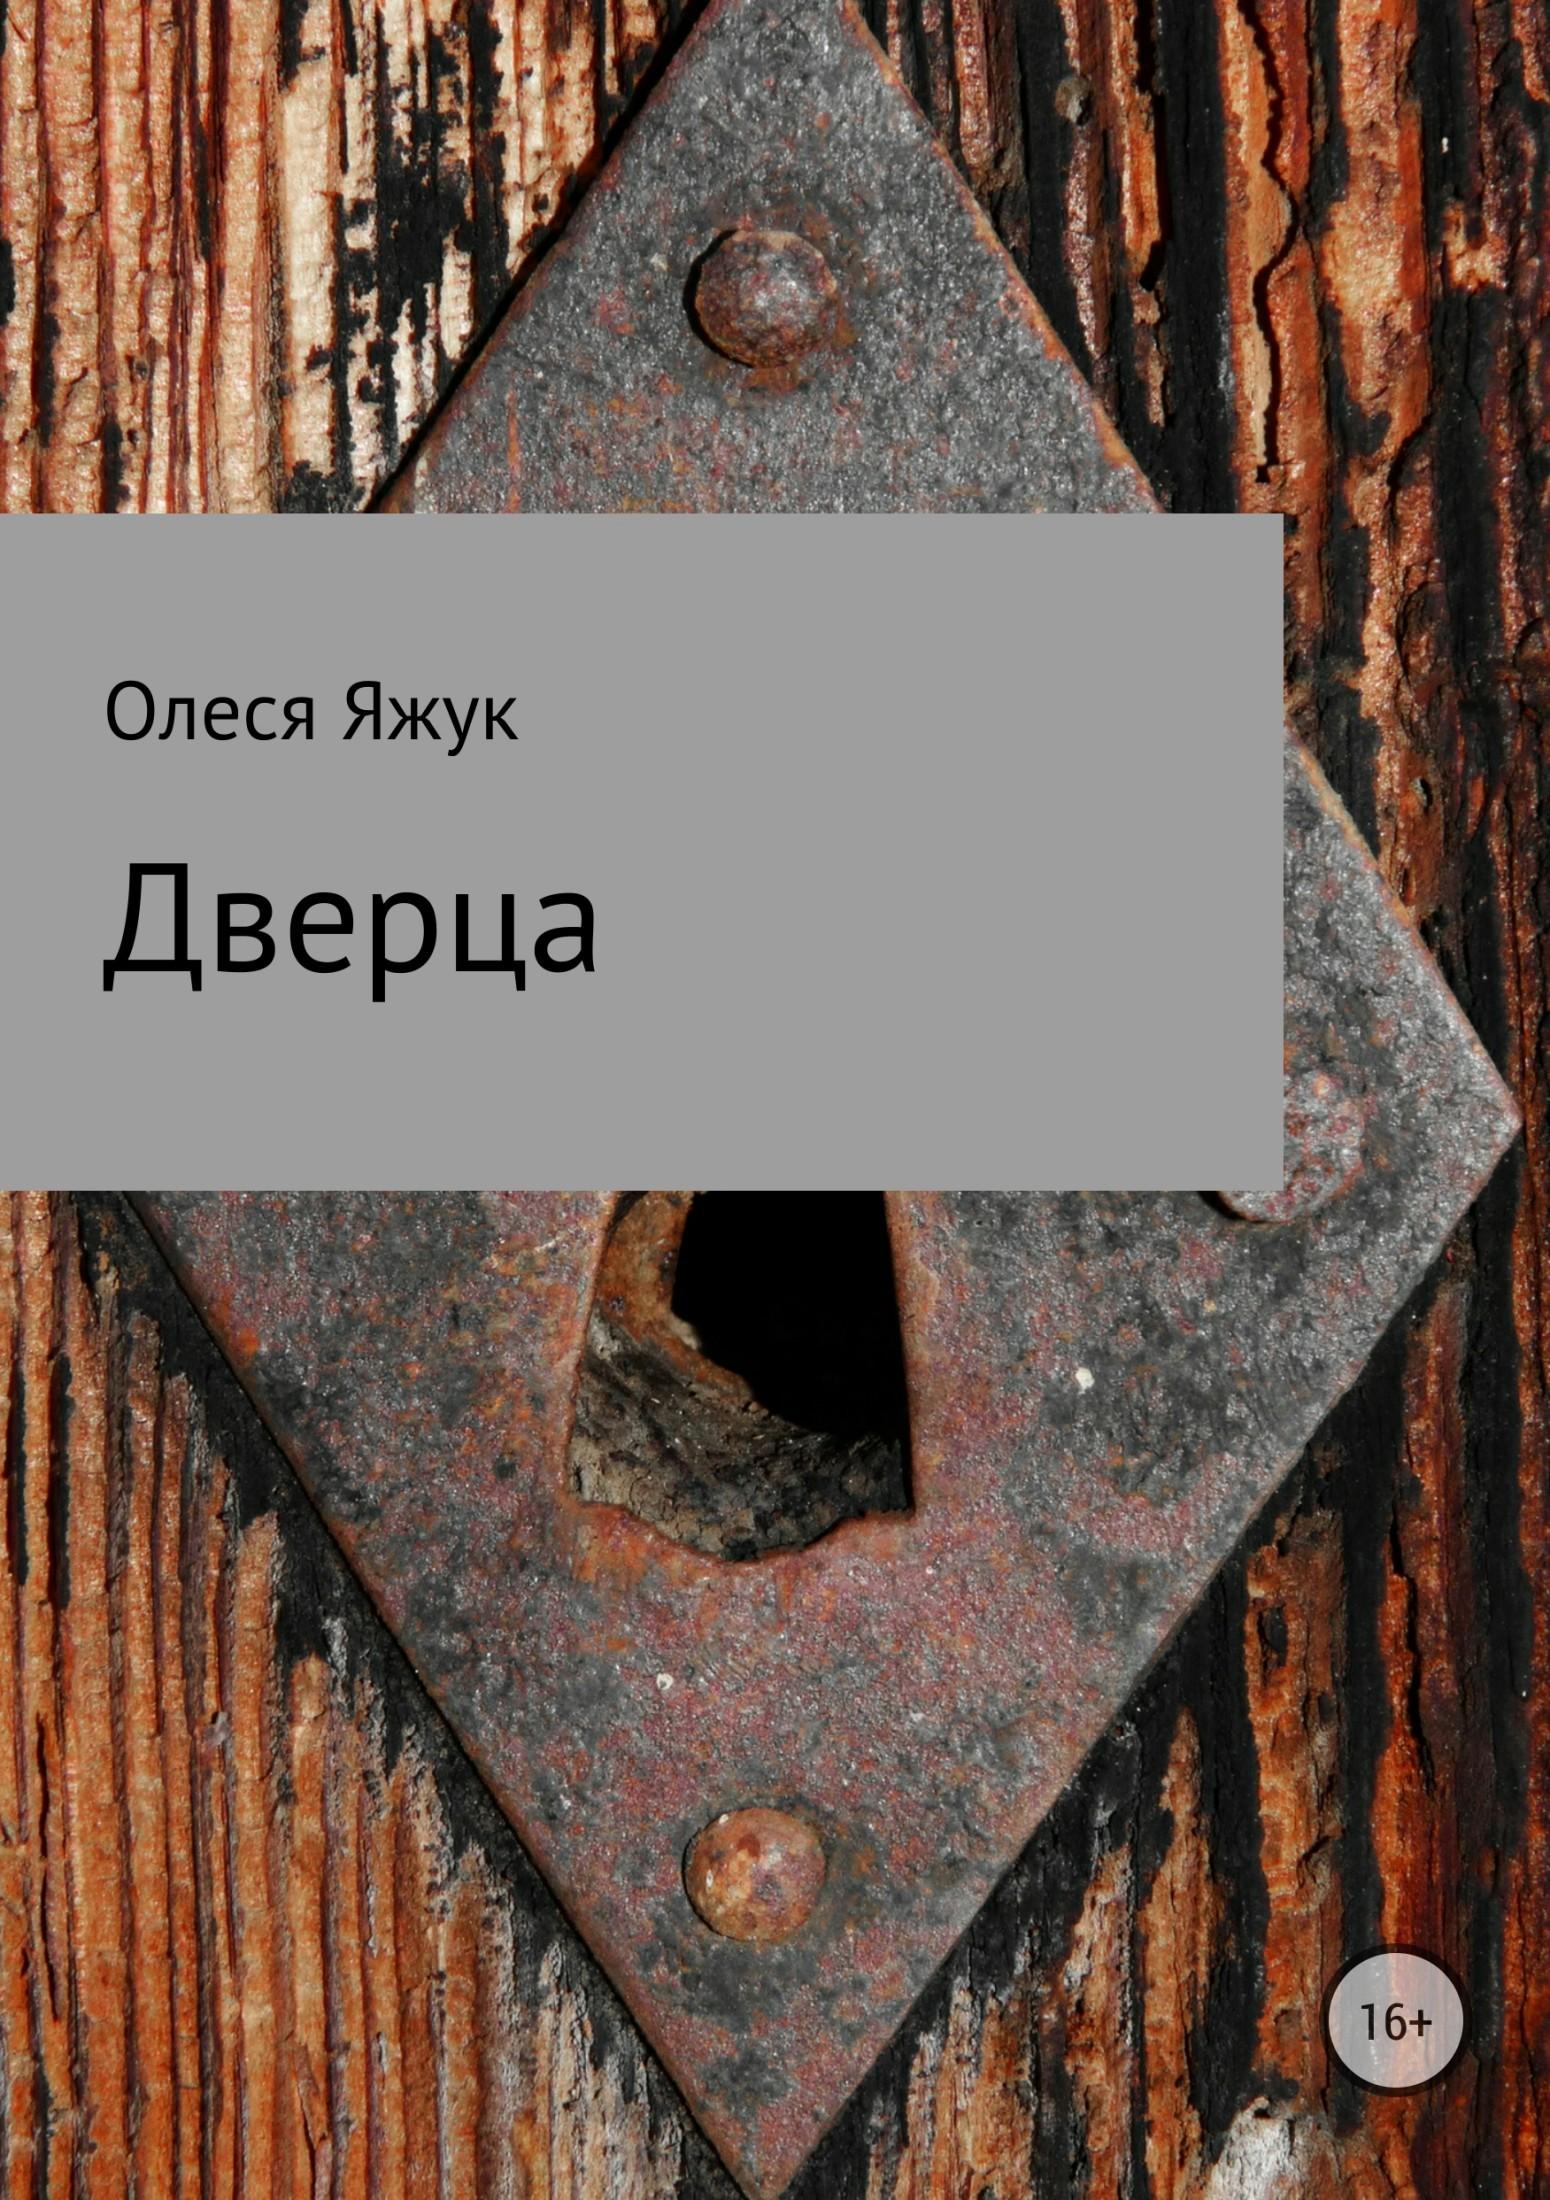 Олеся Яжук - Дверца